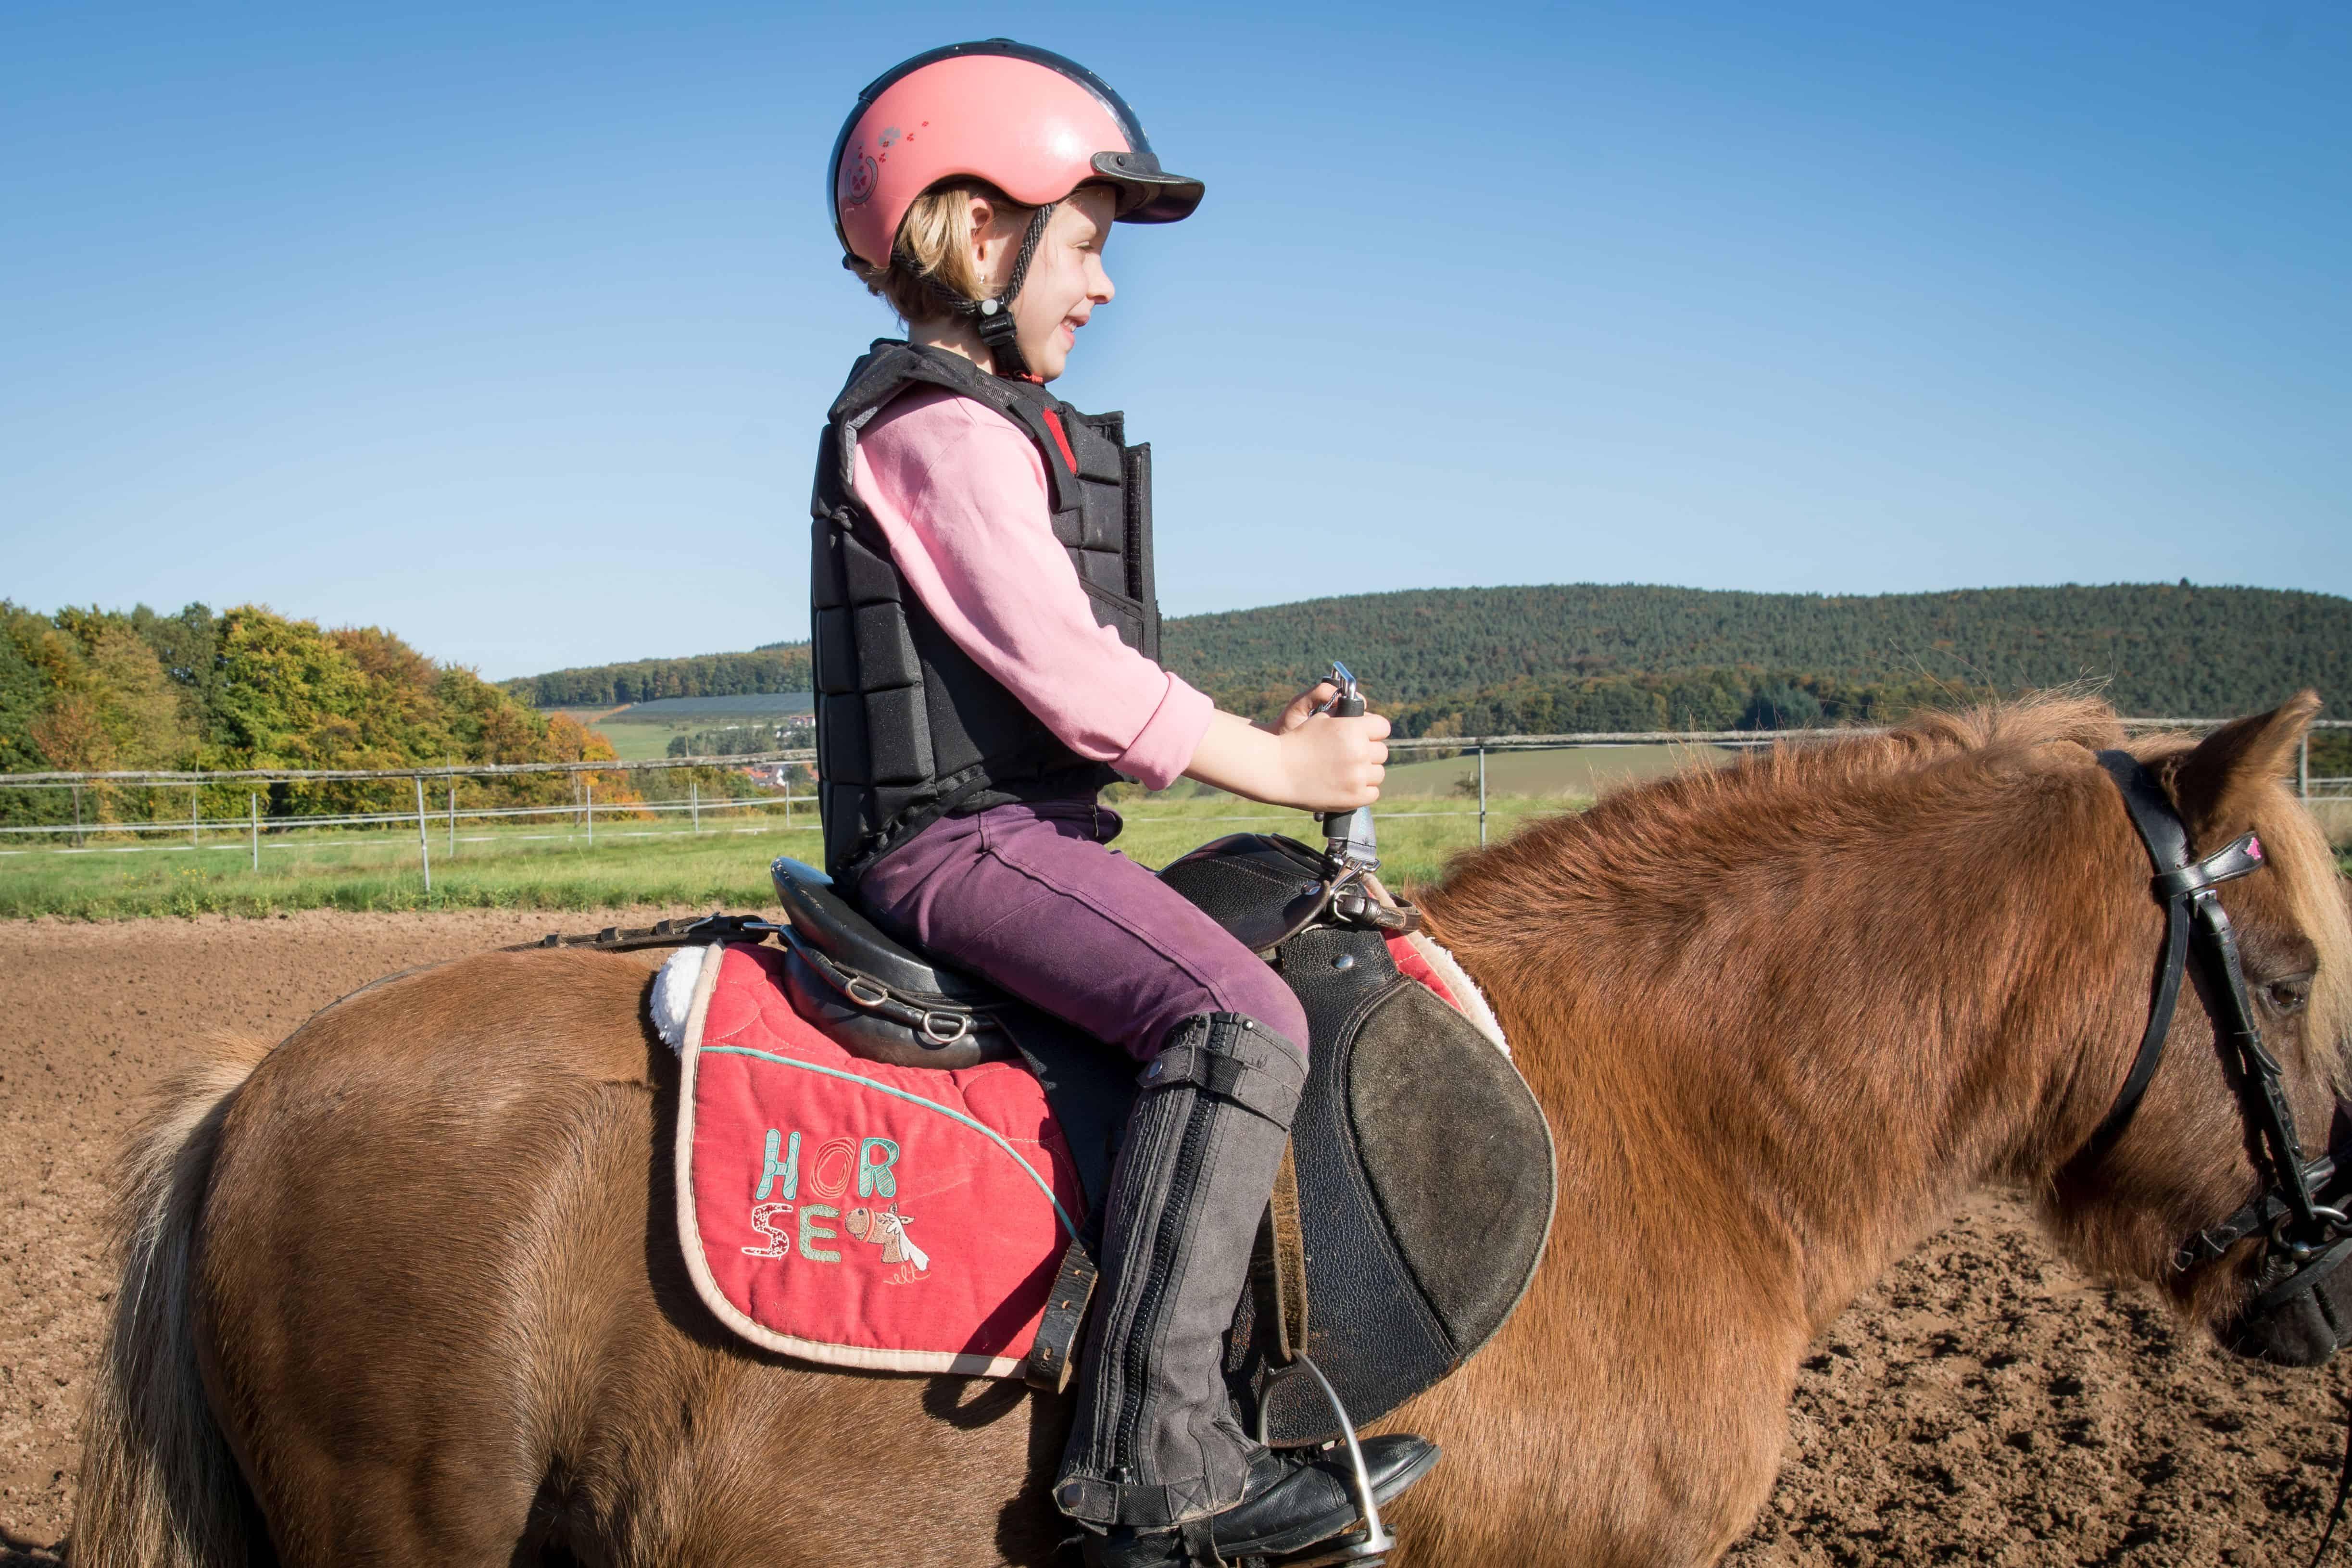 Die ruhige Reiterhand: mit der richtigen Hilfe leicht